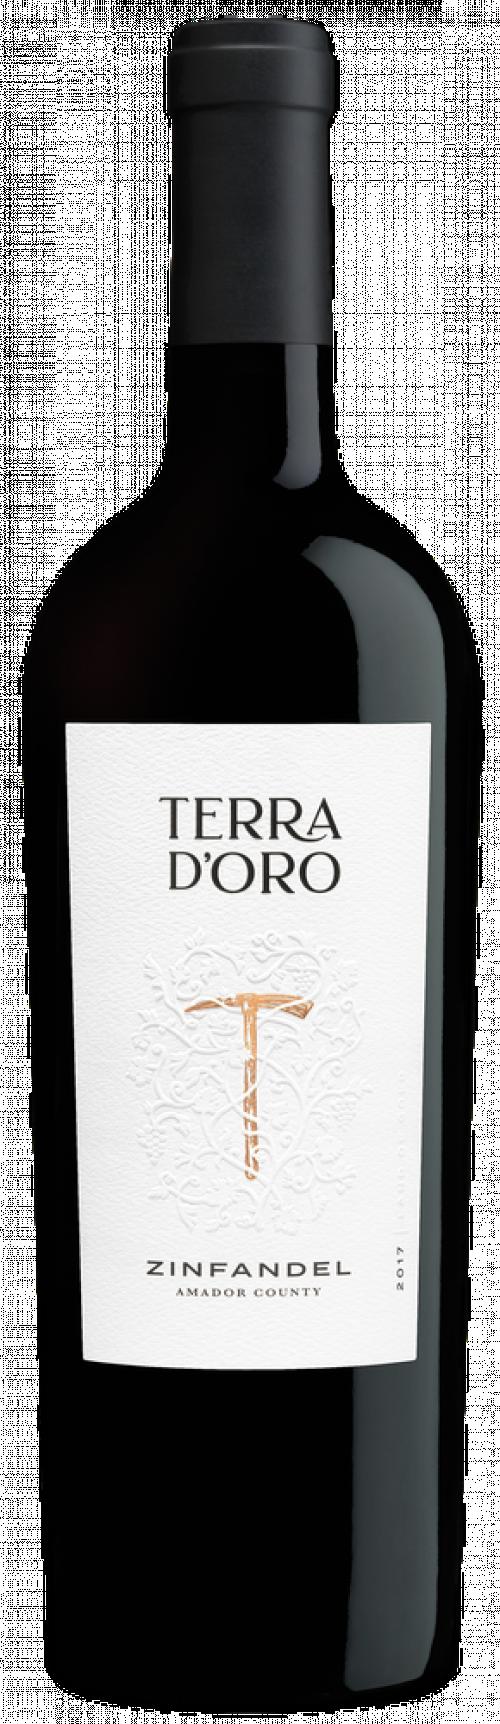 2018 Montevina Terra D'oro Zinfandel 750ml